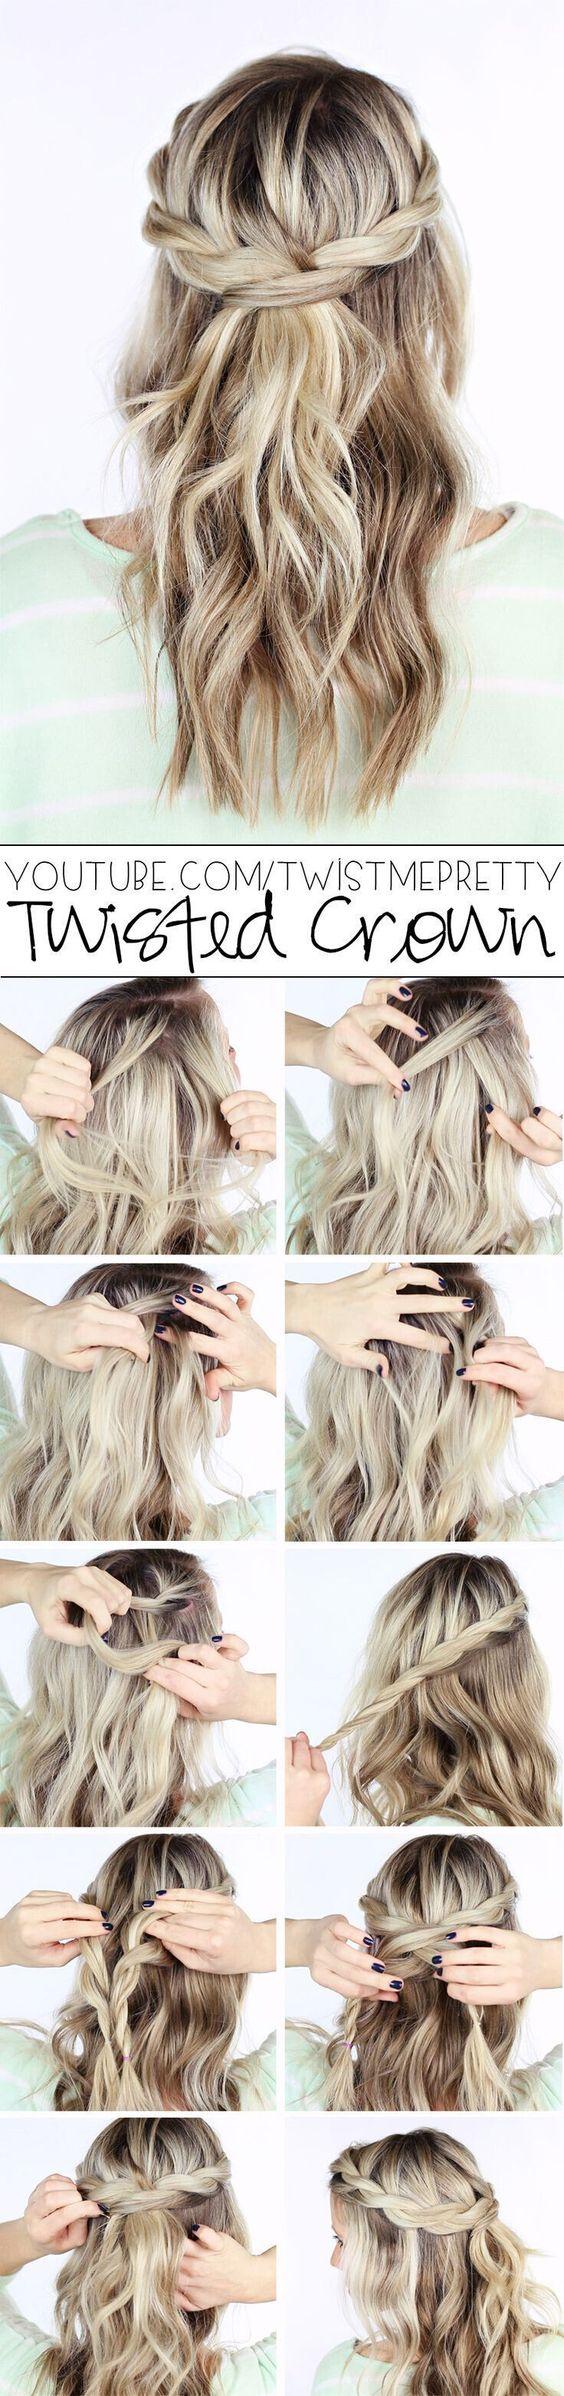 Metade simples e para baixo penteados de maneiras diferentes